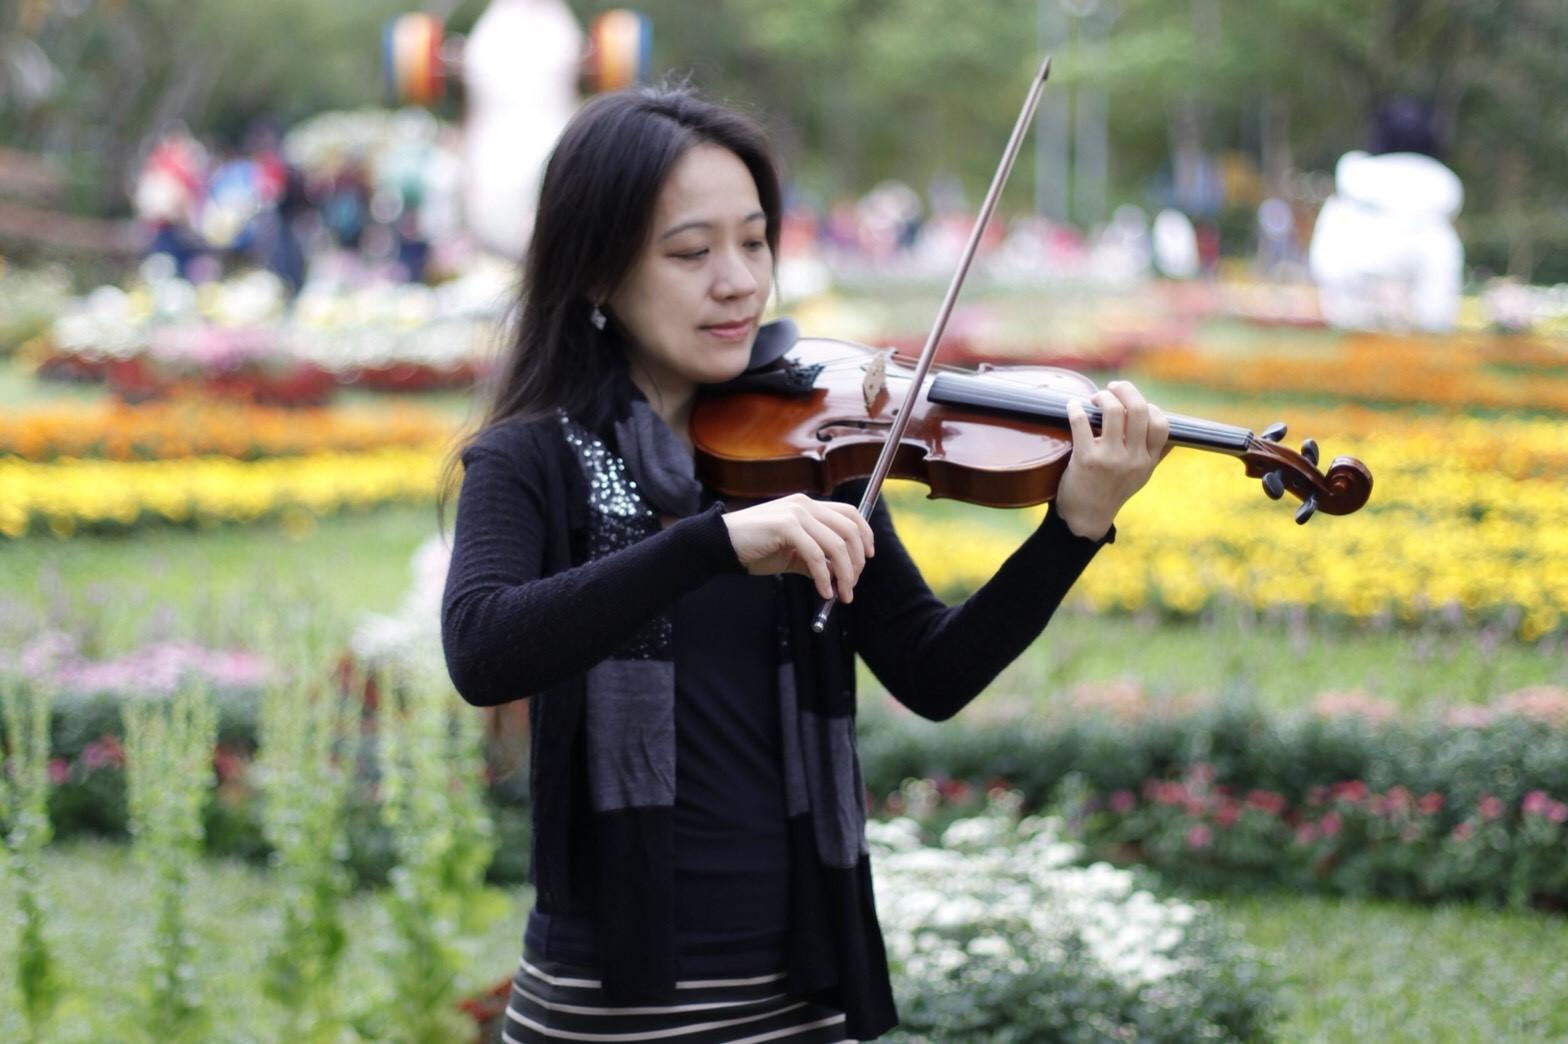 旅美小提琴家吳宜庭走出婚姻陰霾 重生音樂夢